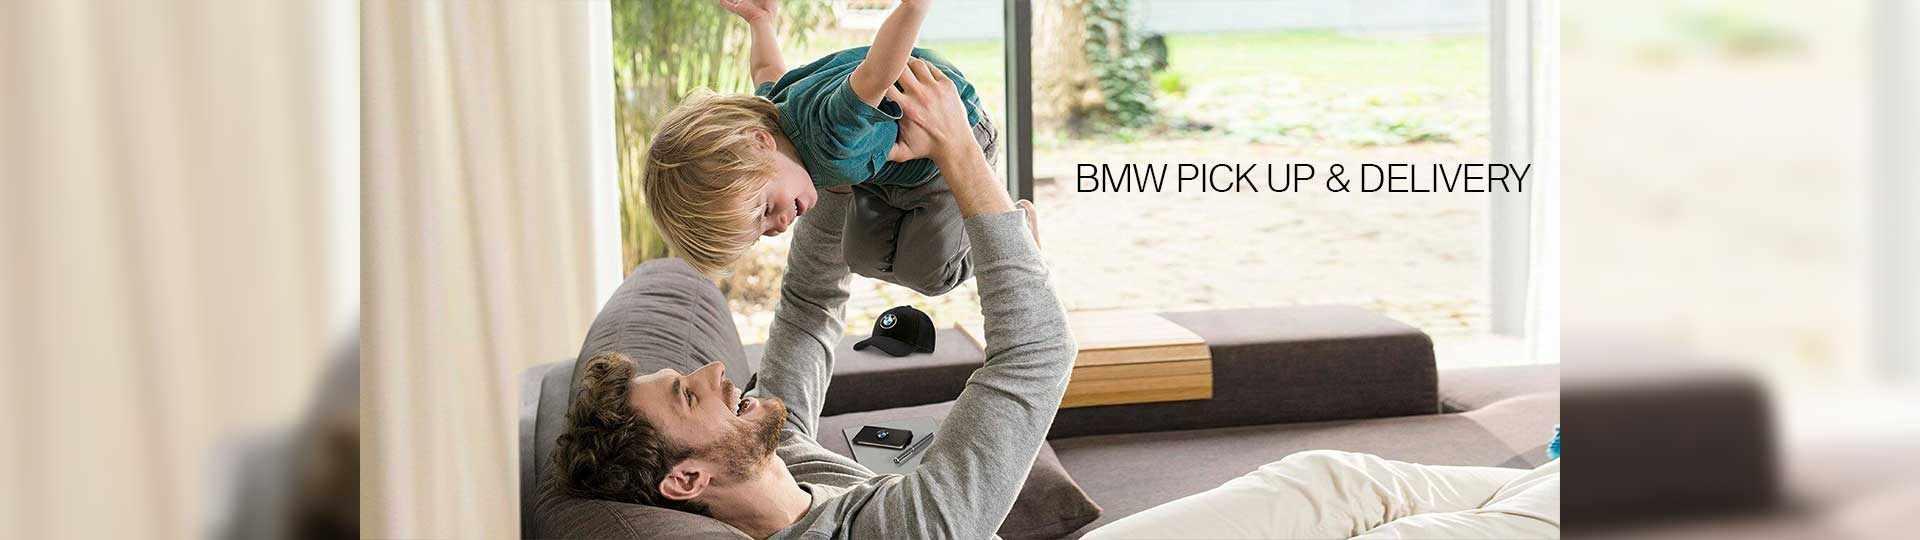 bmw_pickup_delivery_brescia_dinamica.jpg